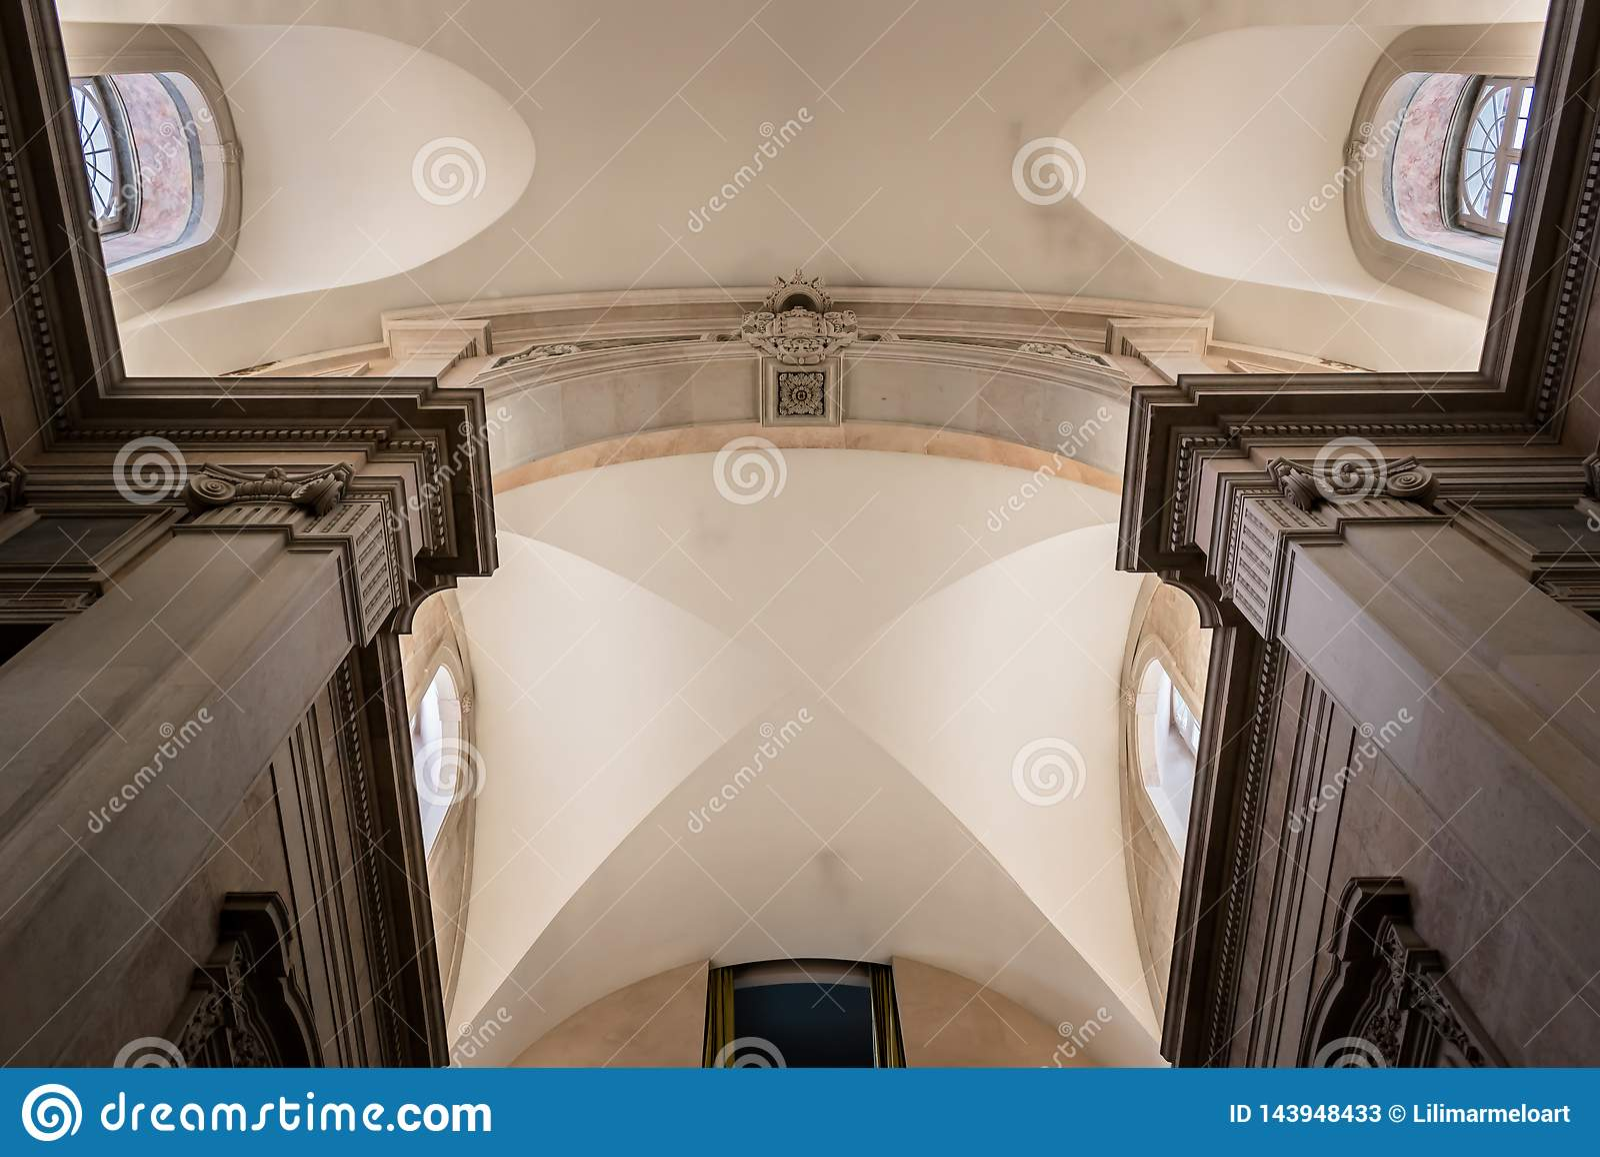 Lissabon, Portugal - Maart 17, 2019 - Perspectief van het binnenlandse plafond van het Geldmuseum